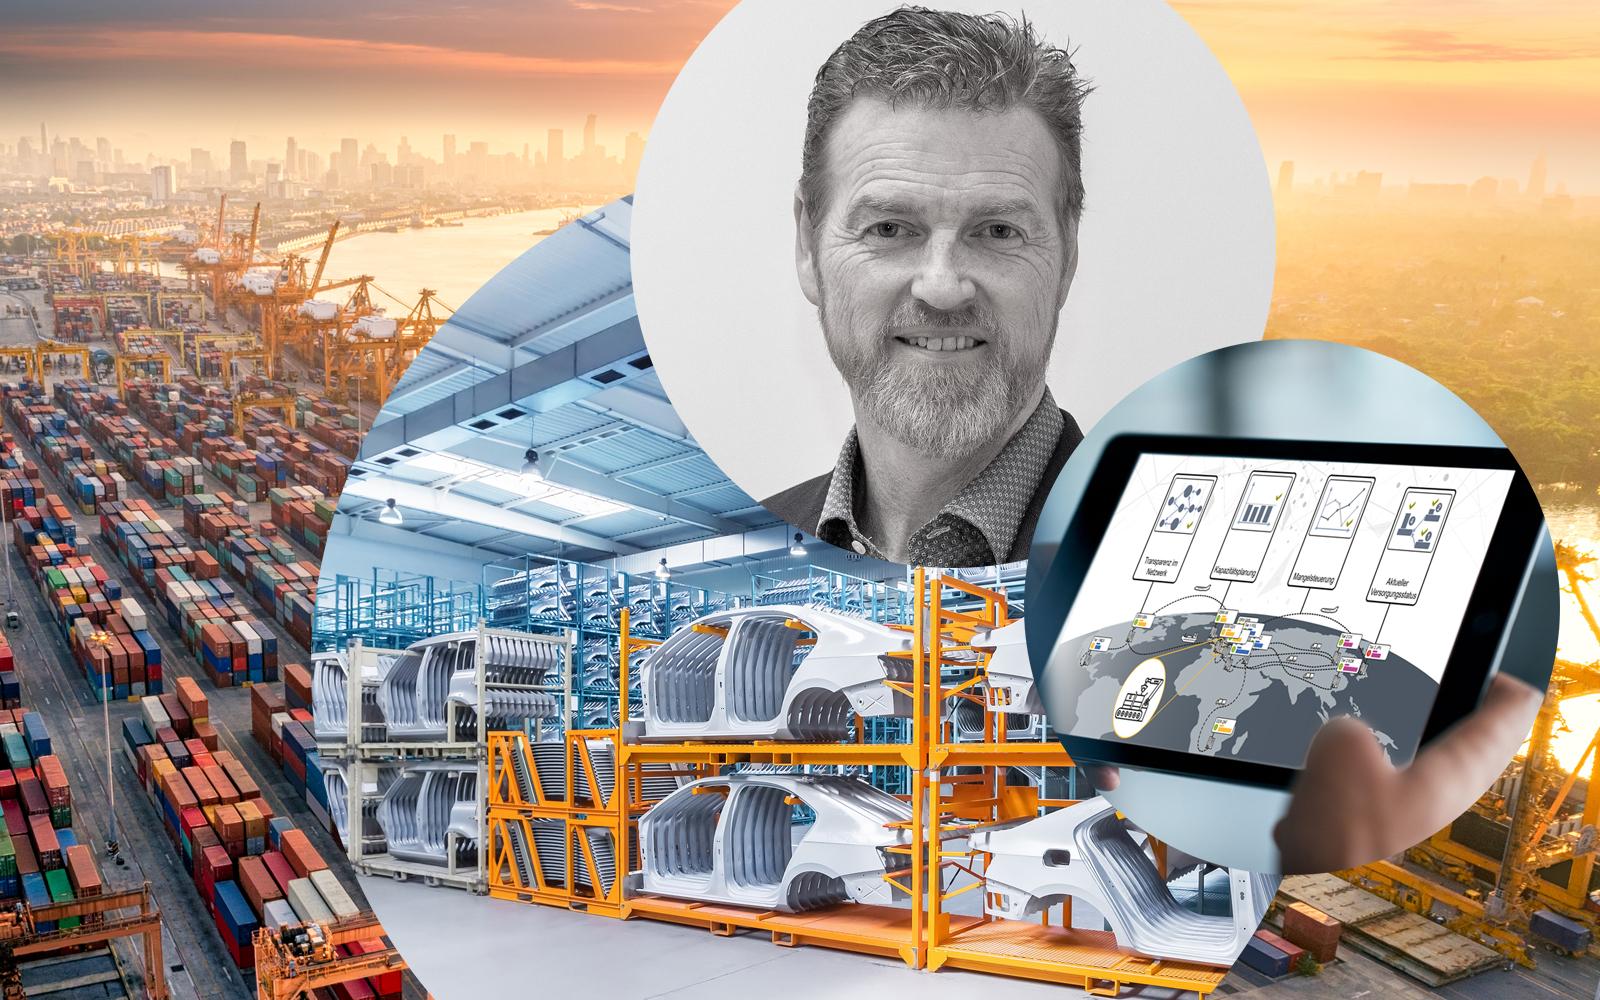 Bild von Ingo Hauptmann, Segmentleiter Lieferantenmanagement bei valantic Supply Chain Excellence, daneben ein iPad sowie Autoteile in einem Lager, im Hintergrund ein Industriehafen mit Containern